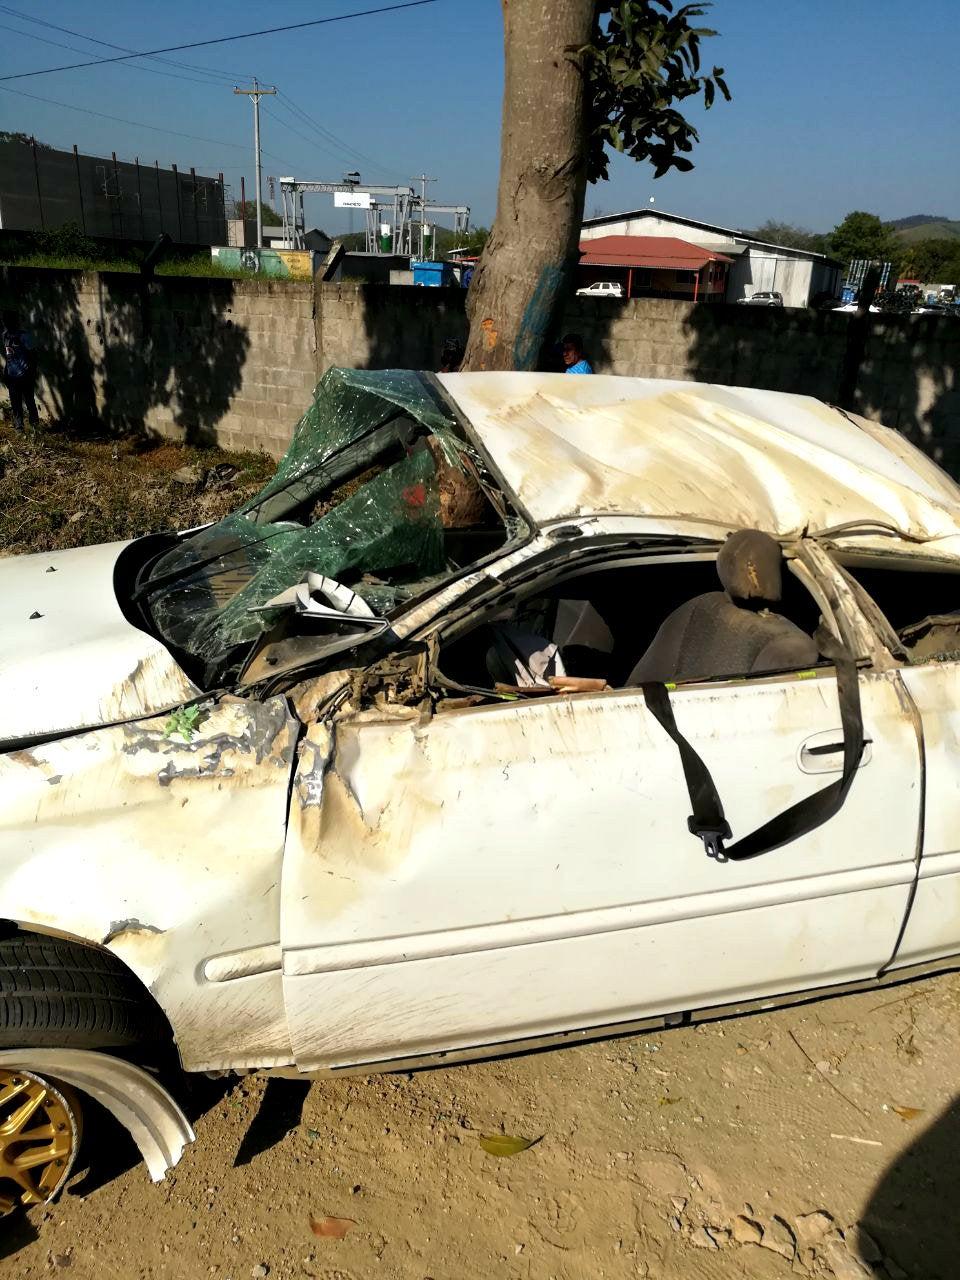 Según los trabajadores del puente, el vehículo dio varias vueltas en el aire y cayó. Lastimosamente atropelló a dos ciudadanos que pasaban por la zona.